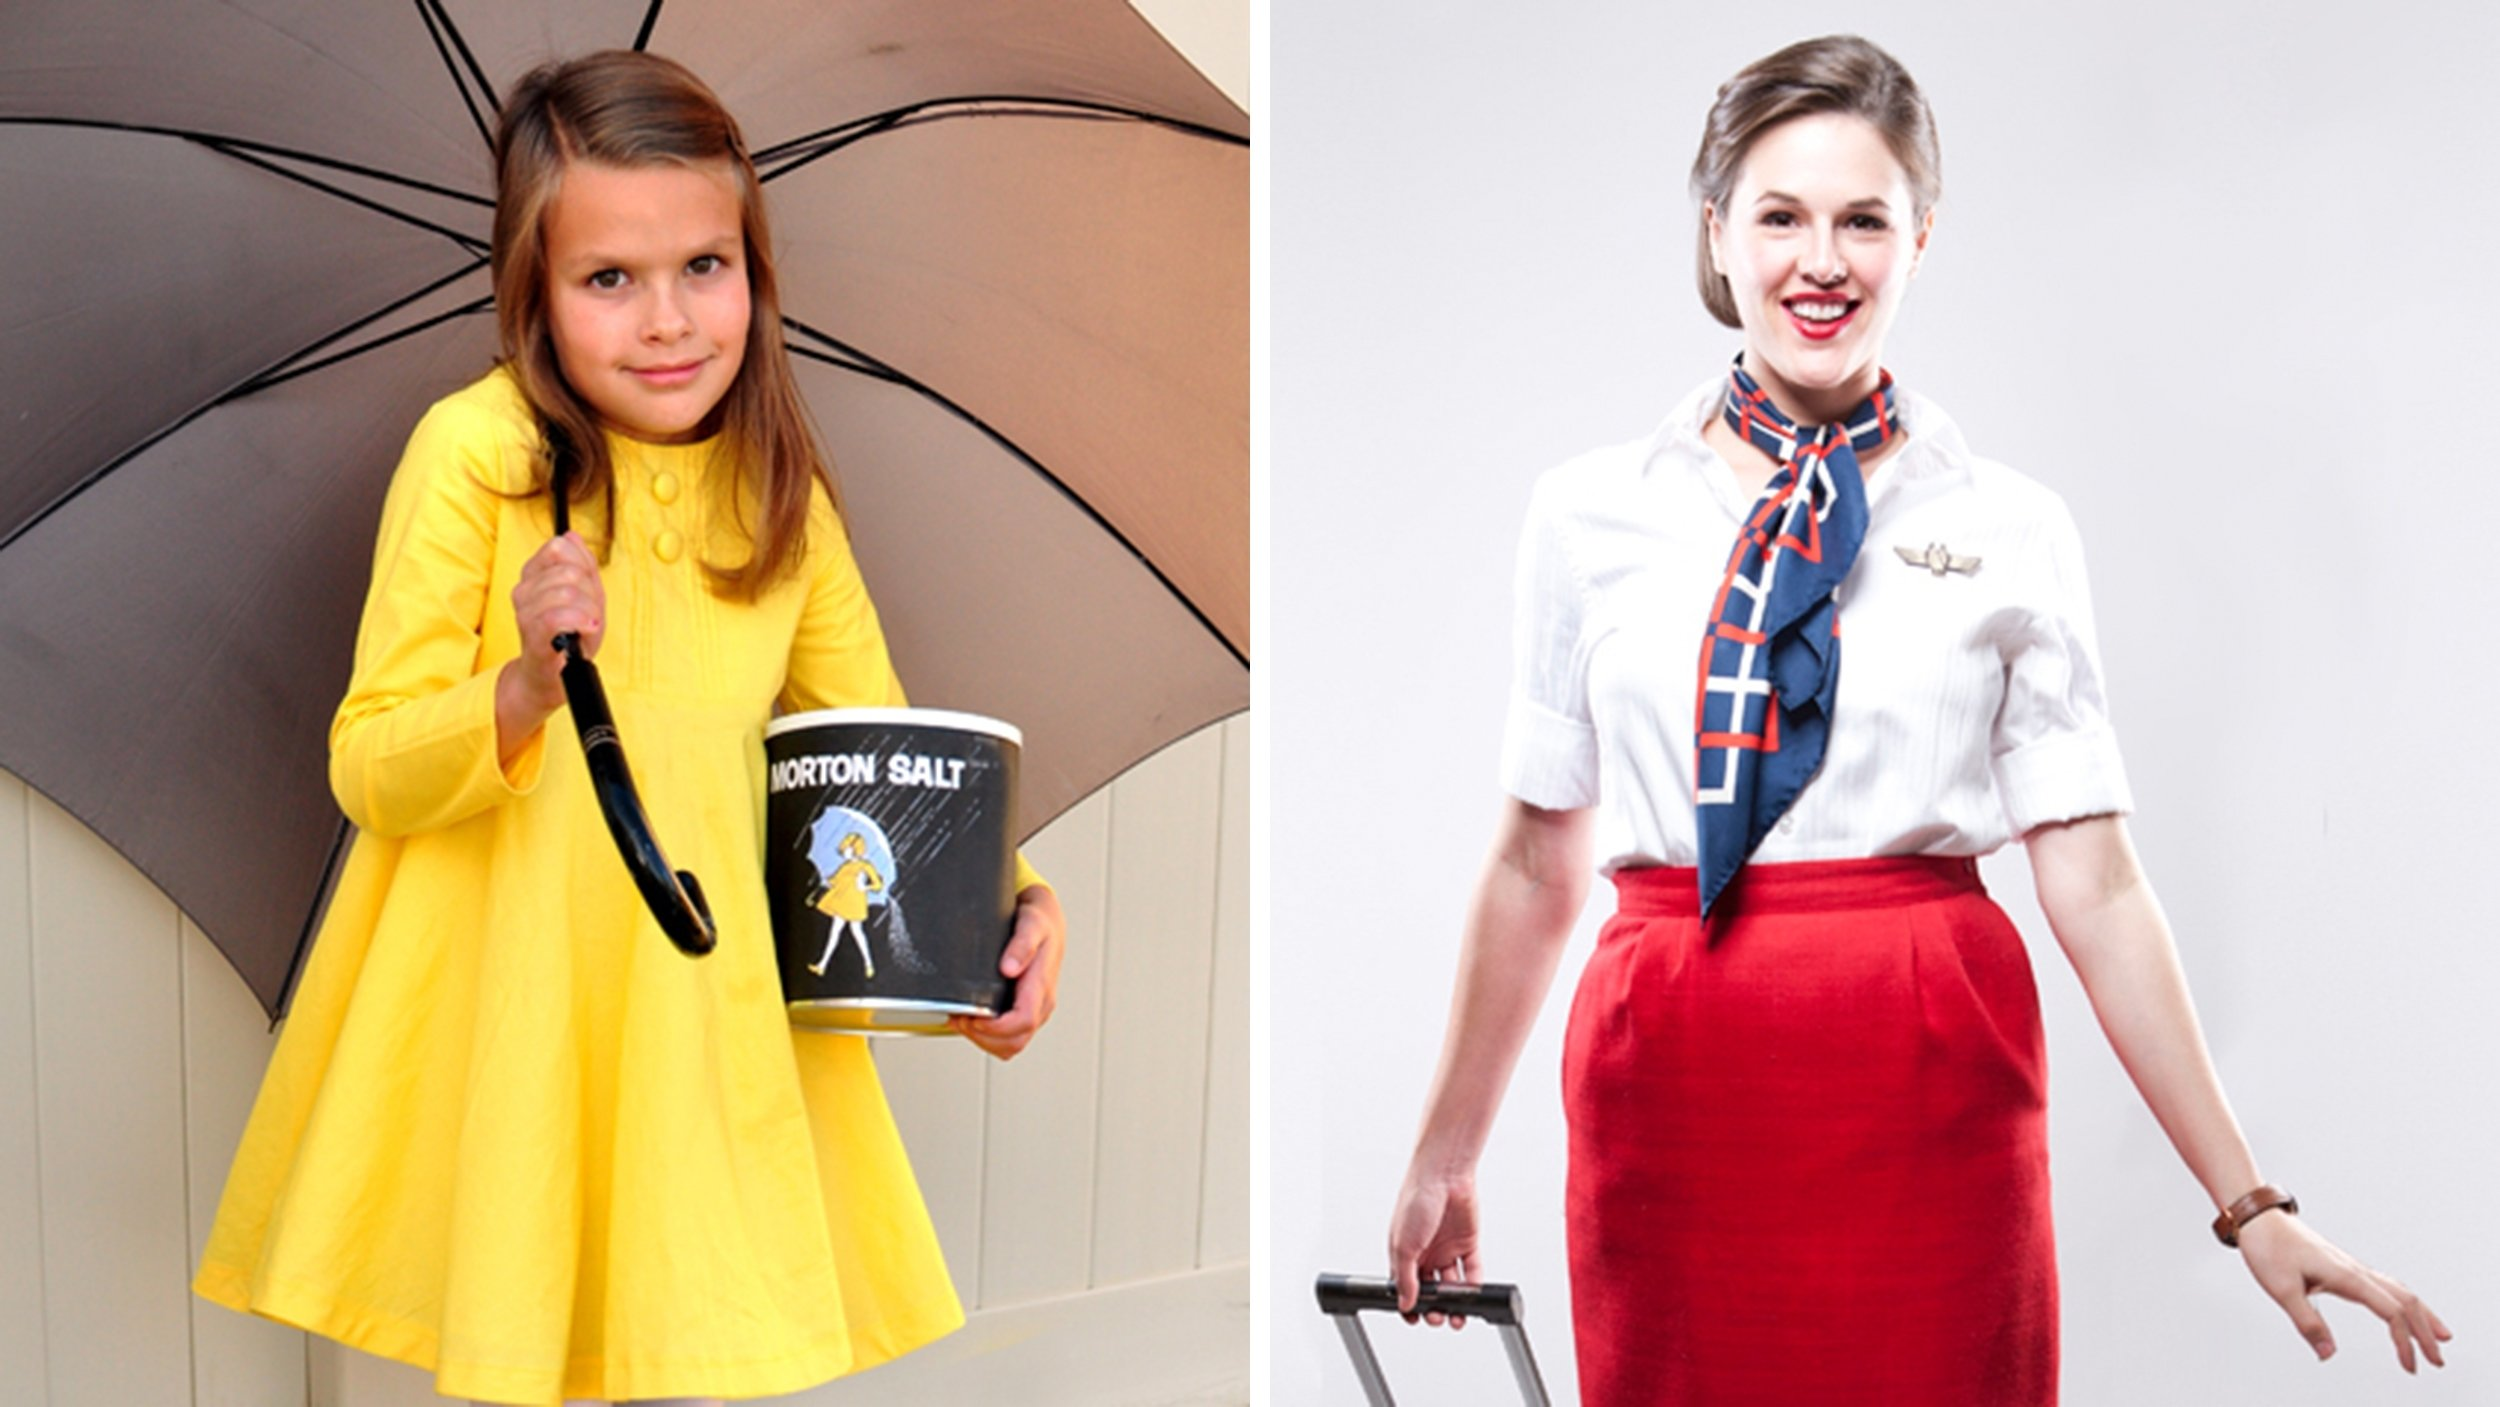 10 Nice Last Minute Halloween Costume Ideas Women last minute halloween diy costumes for busy parents today 26 2021